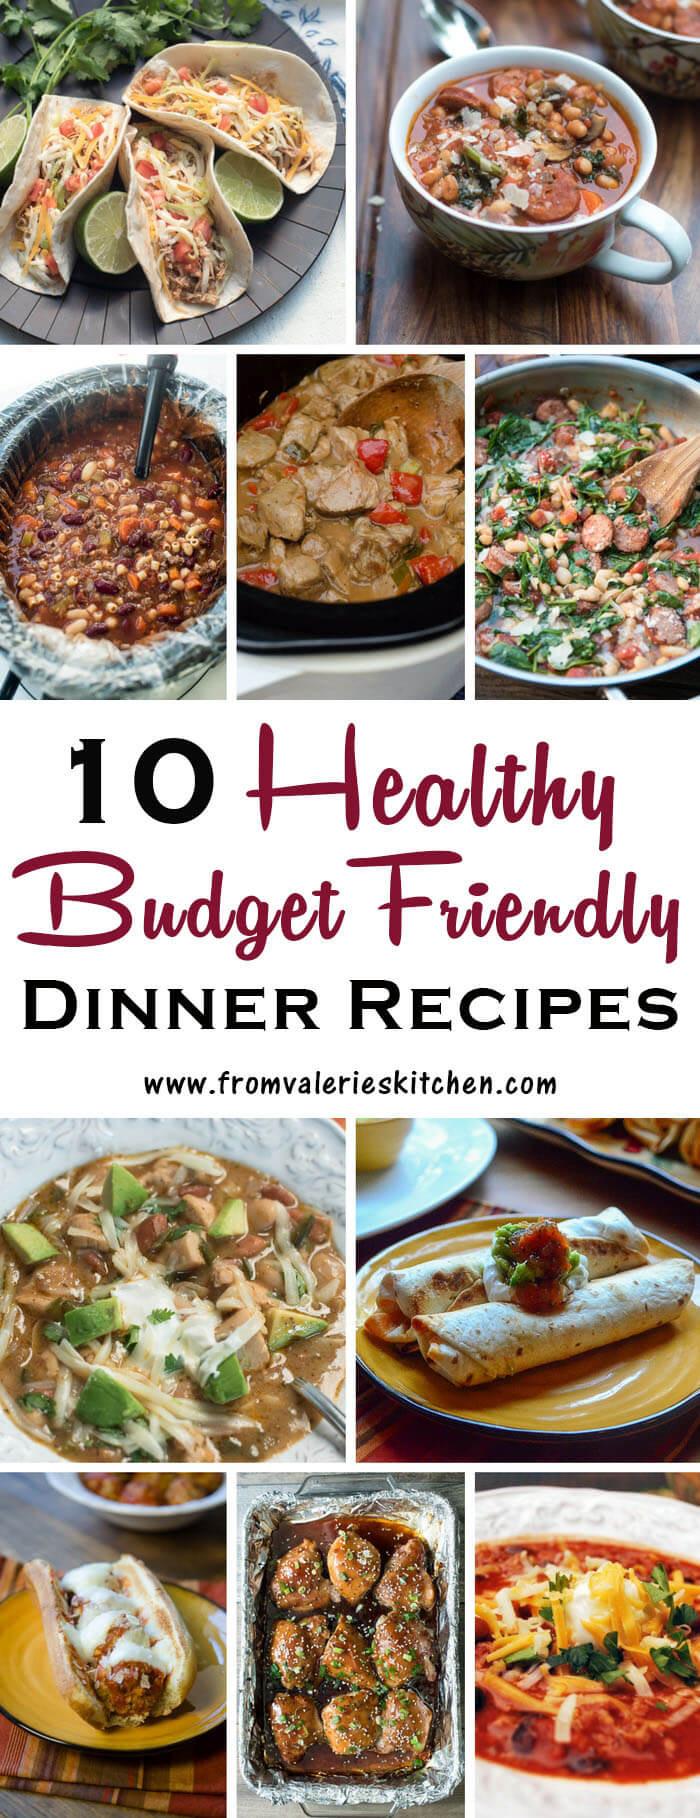 Healthy Cheap Dinner Ideas  10 Healthy Dinner Recipes on a Bud